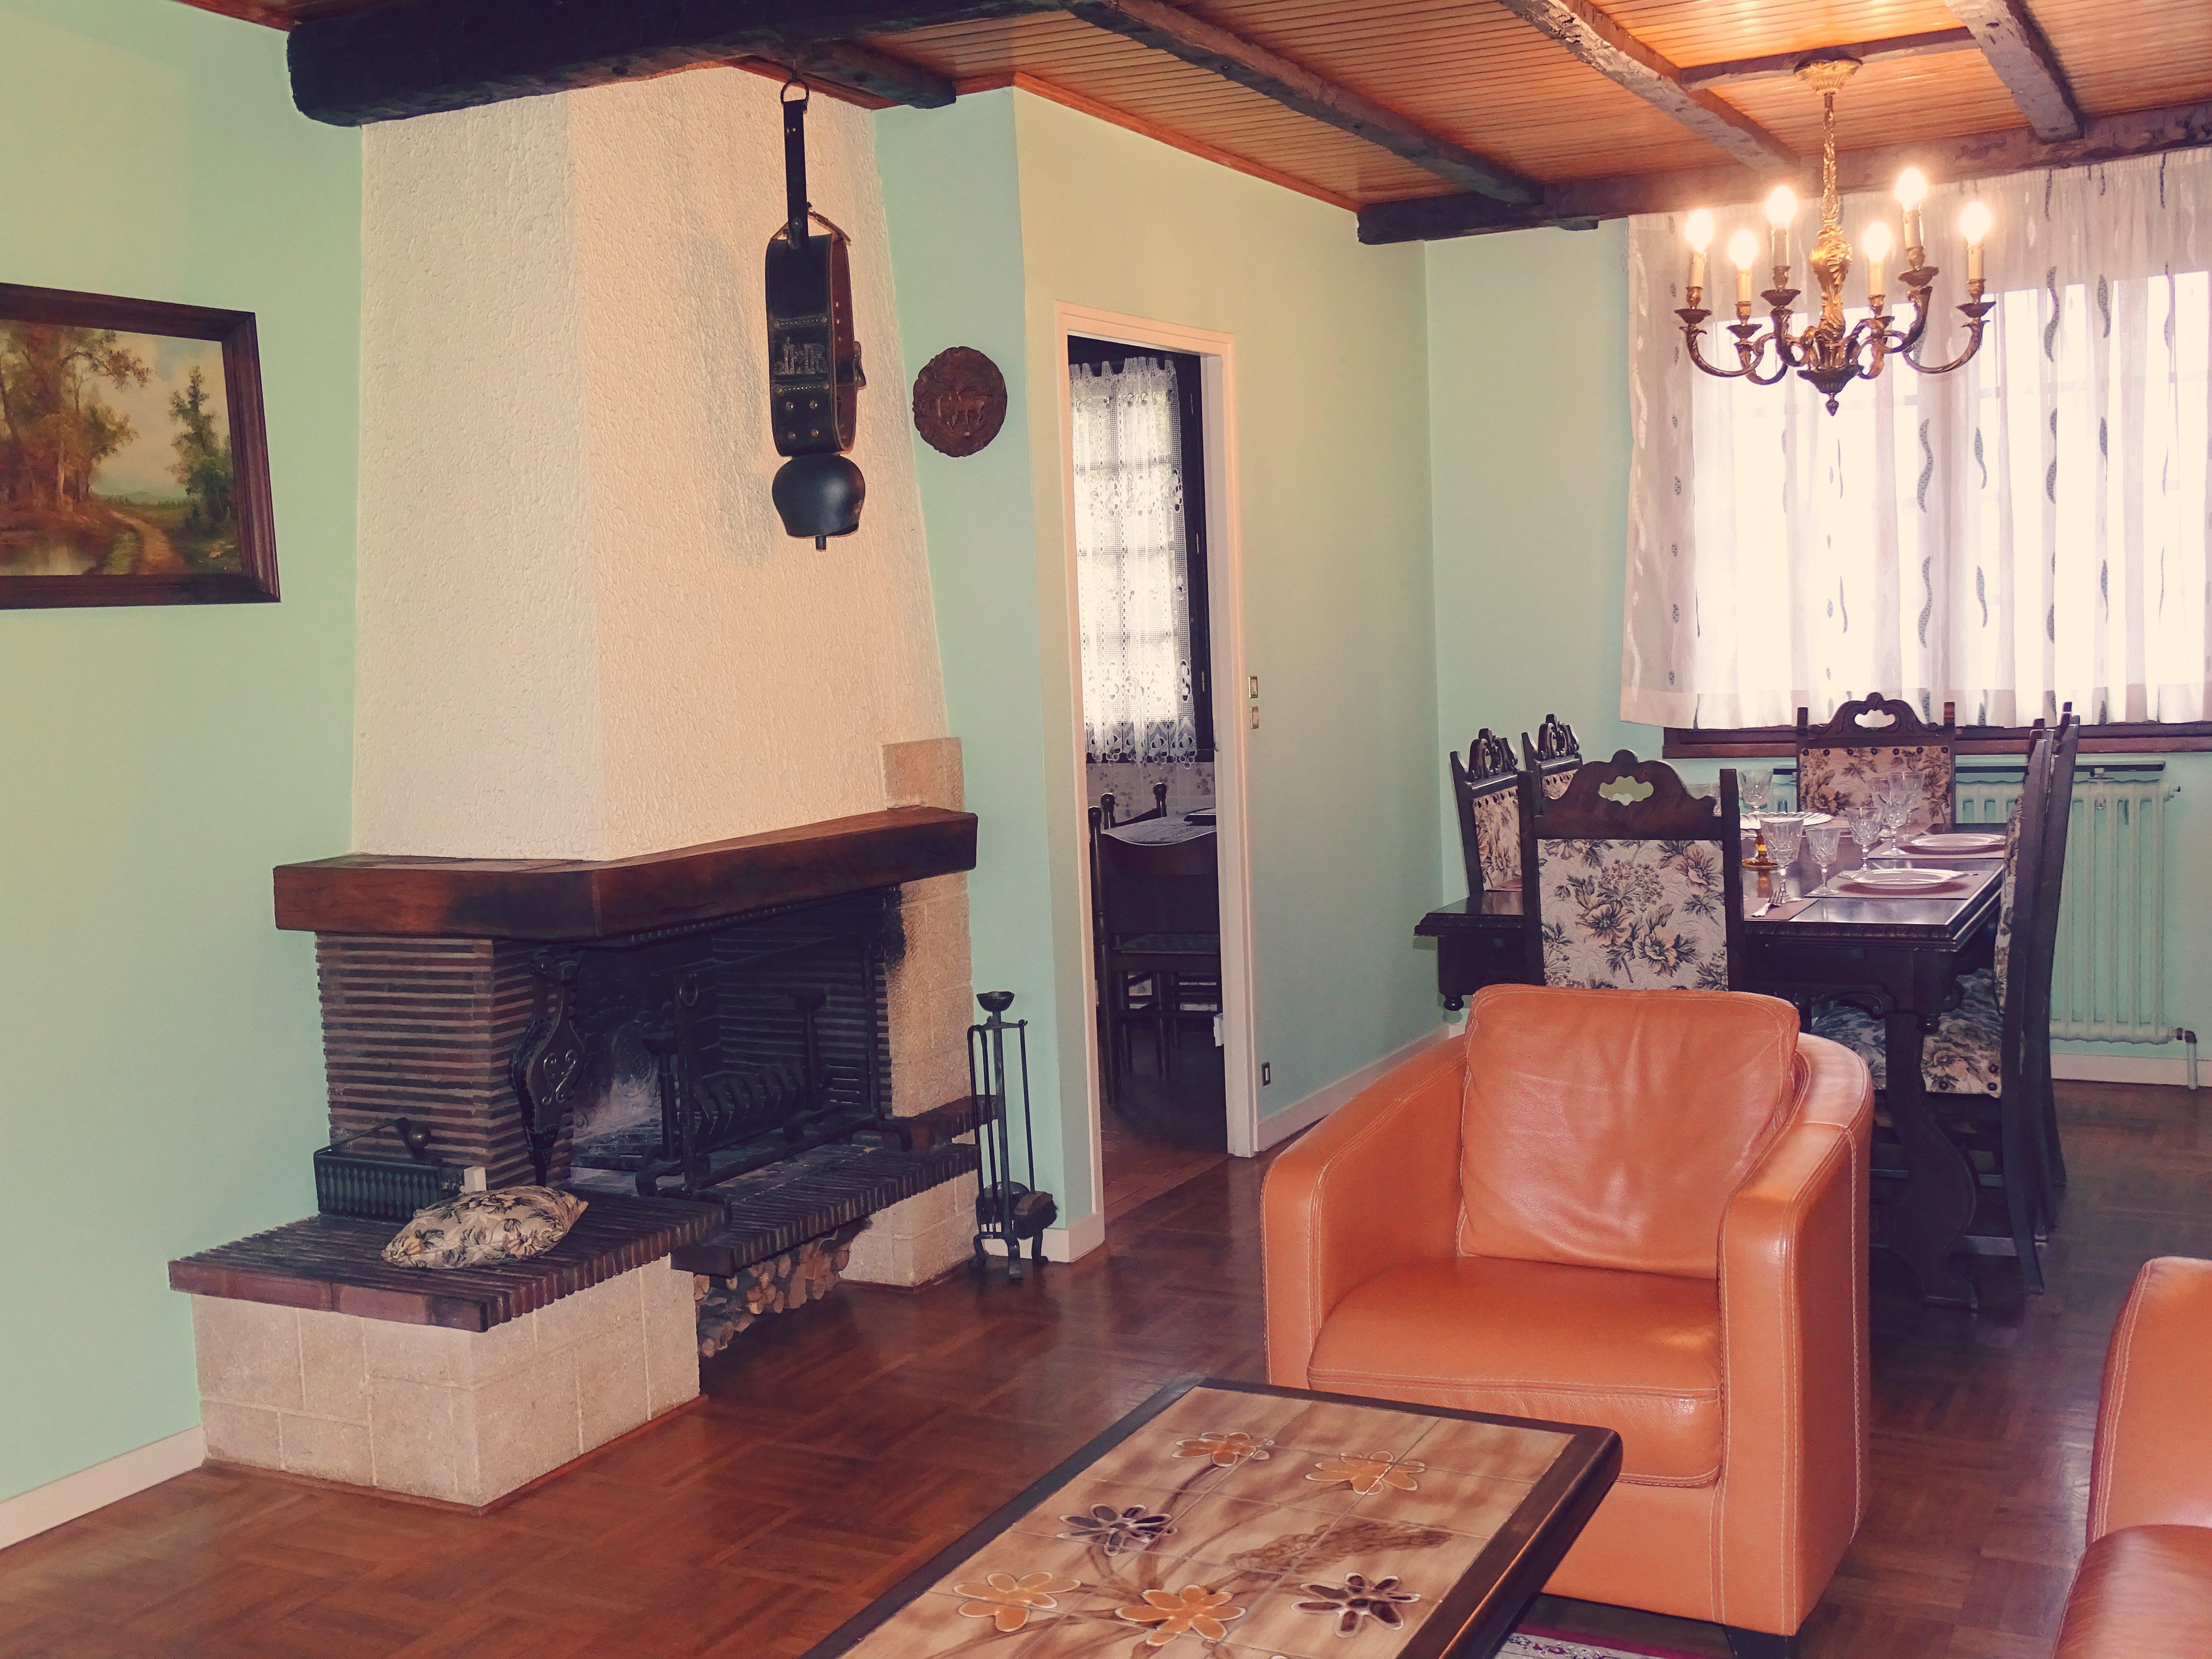 Maison des ann es 80 dans son jus avec balcon et terrasse location tournage cin ma avec cast - Maison avec balcon terrasse ...